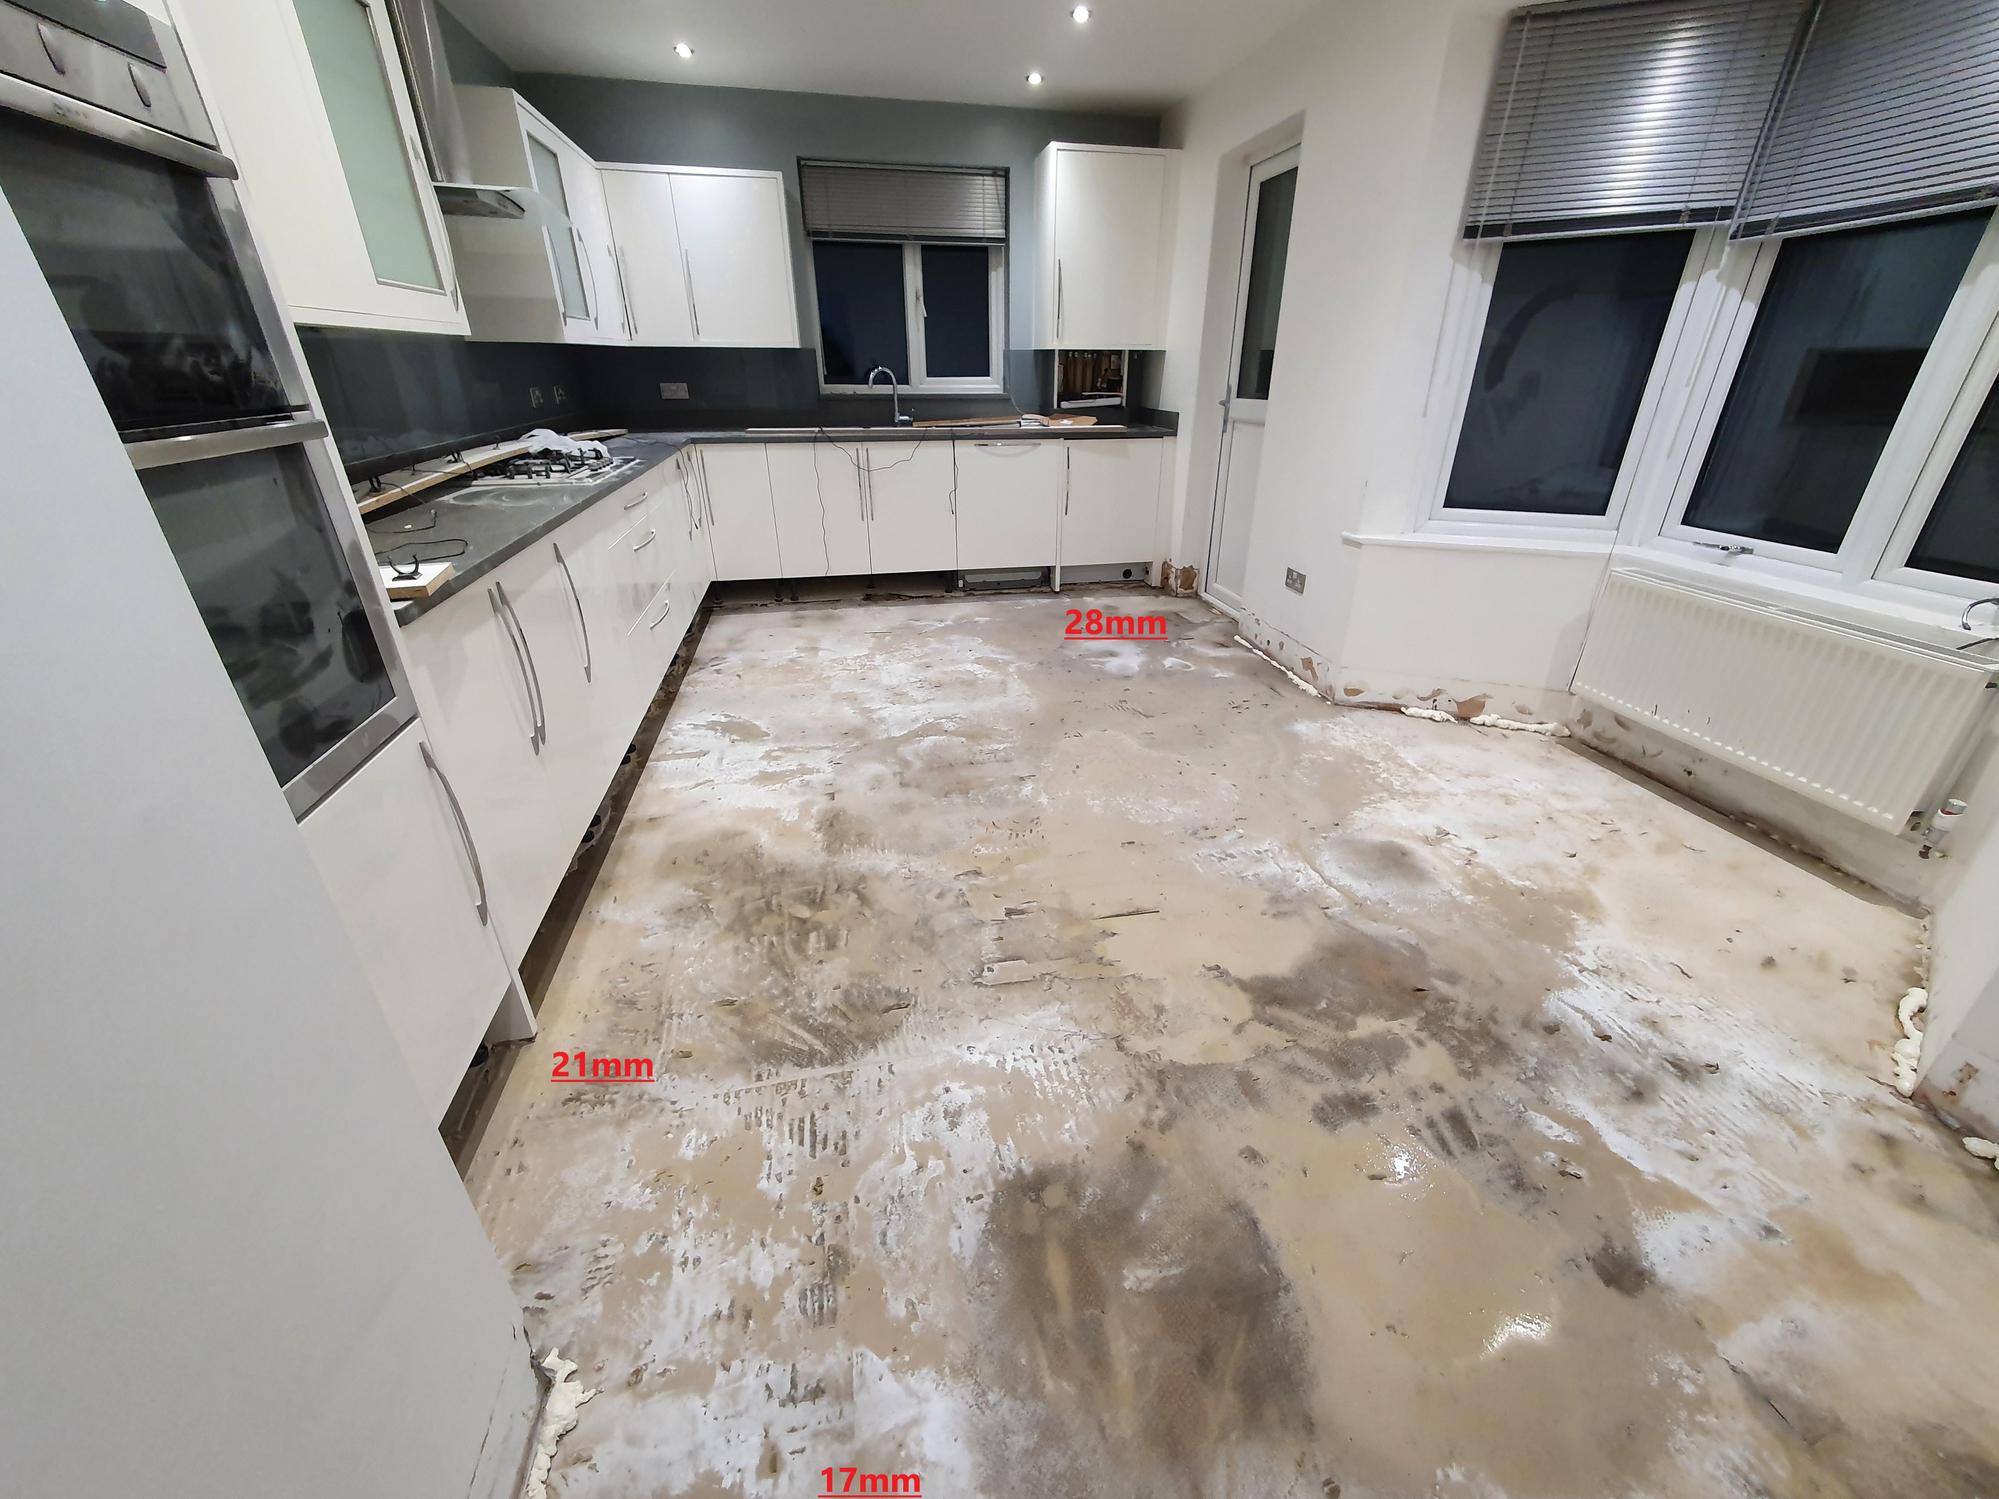 Complex kitchen floor tiling repair job. uneven floor. what should ...